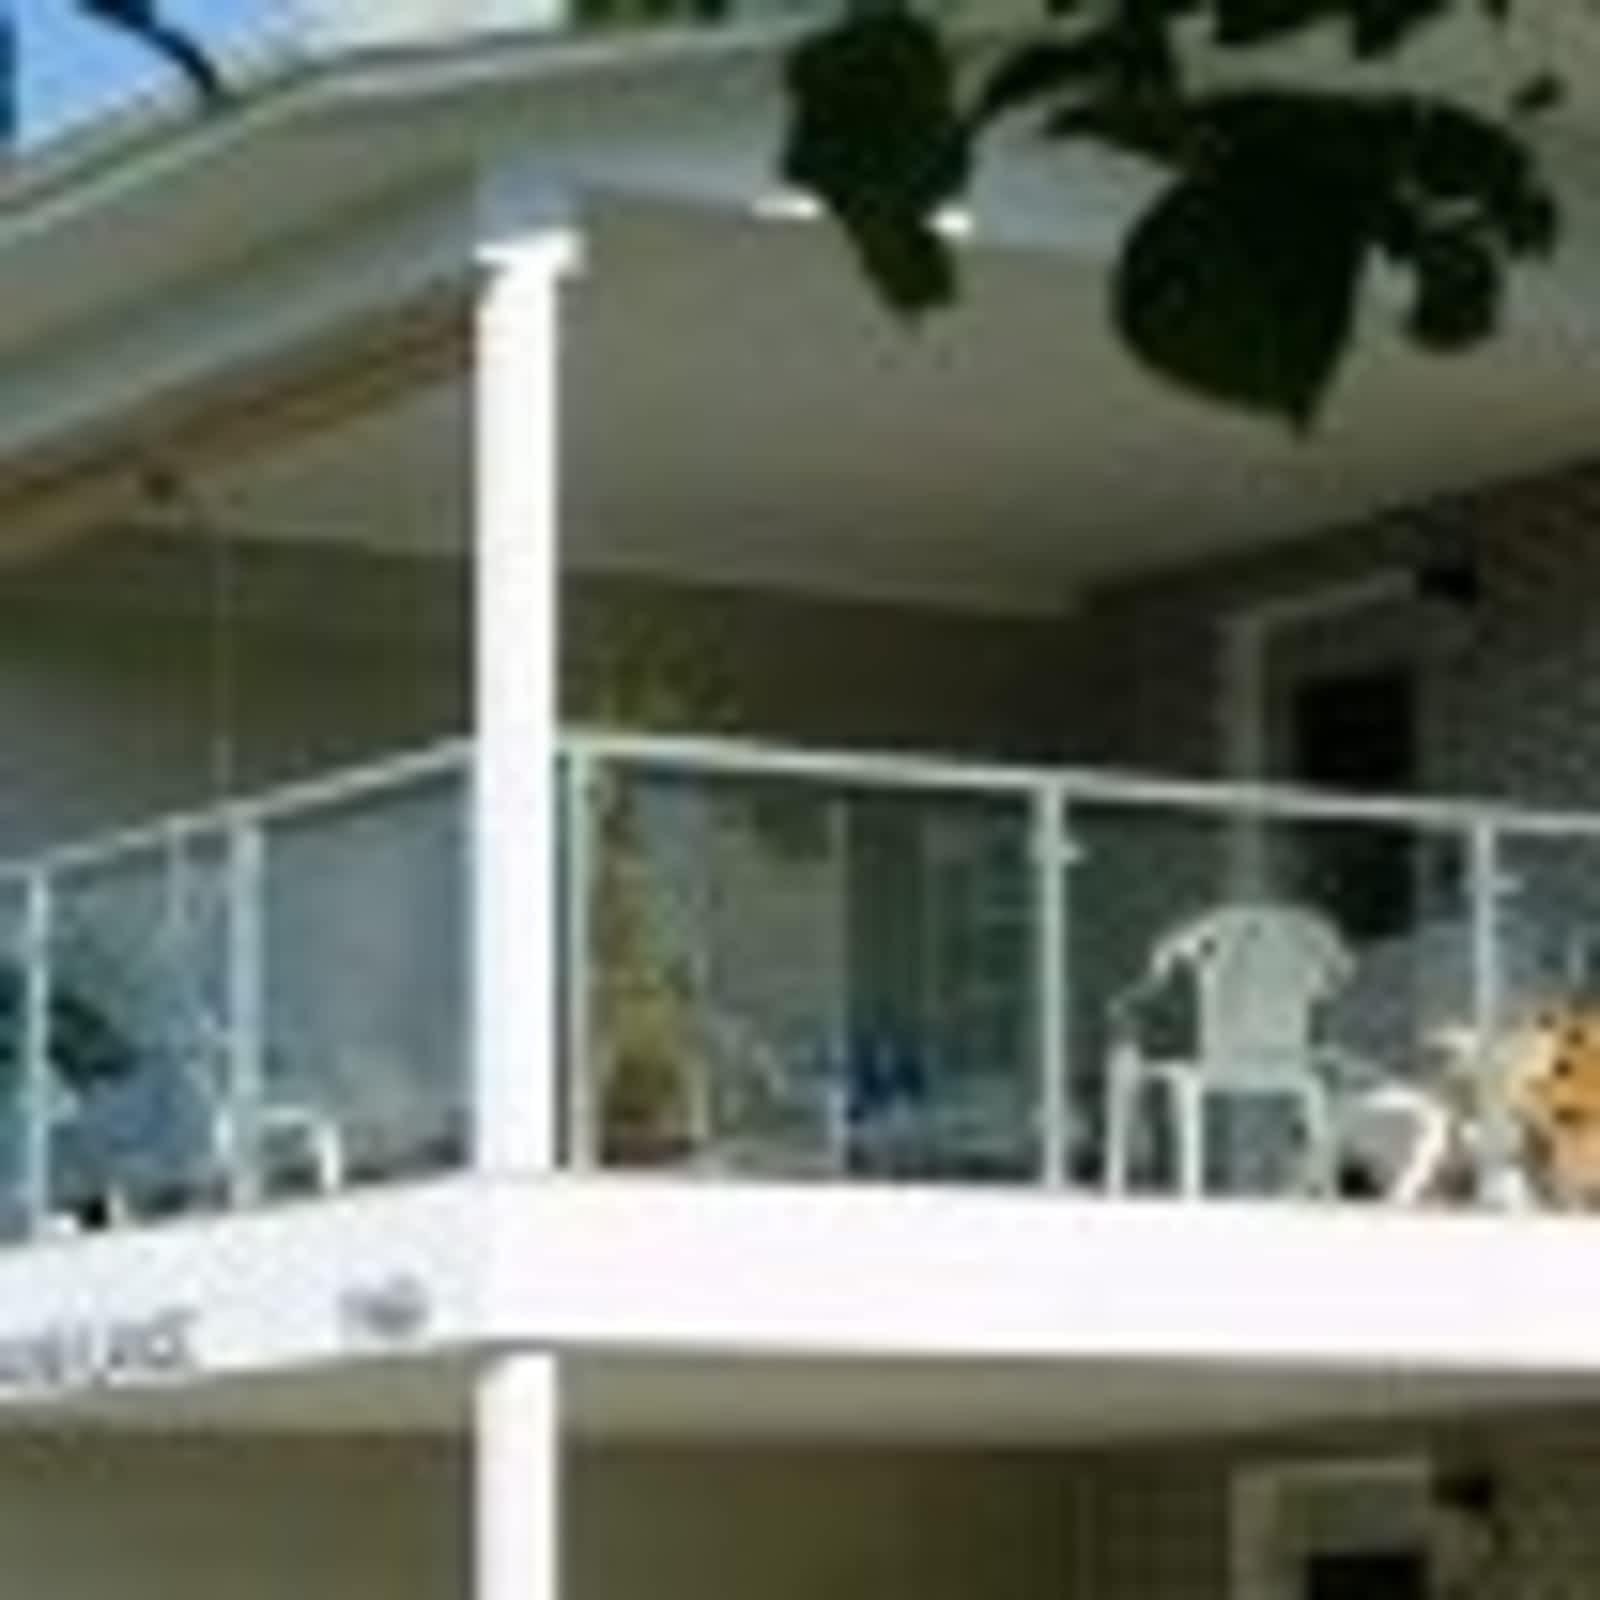 Maison elan maison de ville m saintes ch garage jardin for Jardin 54 rue de fecamp